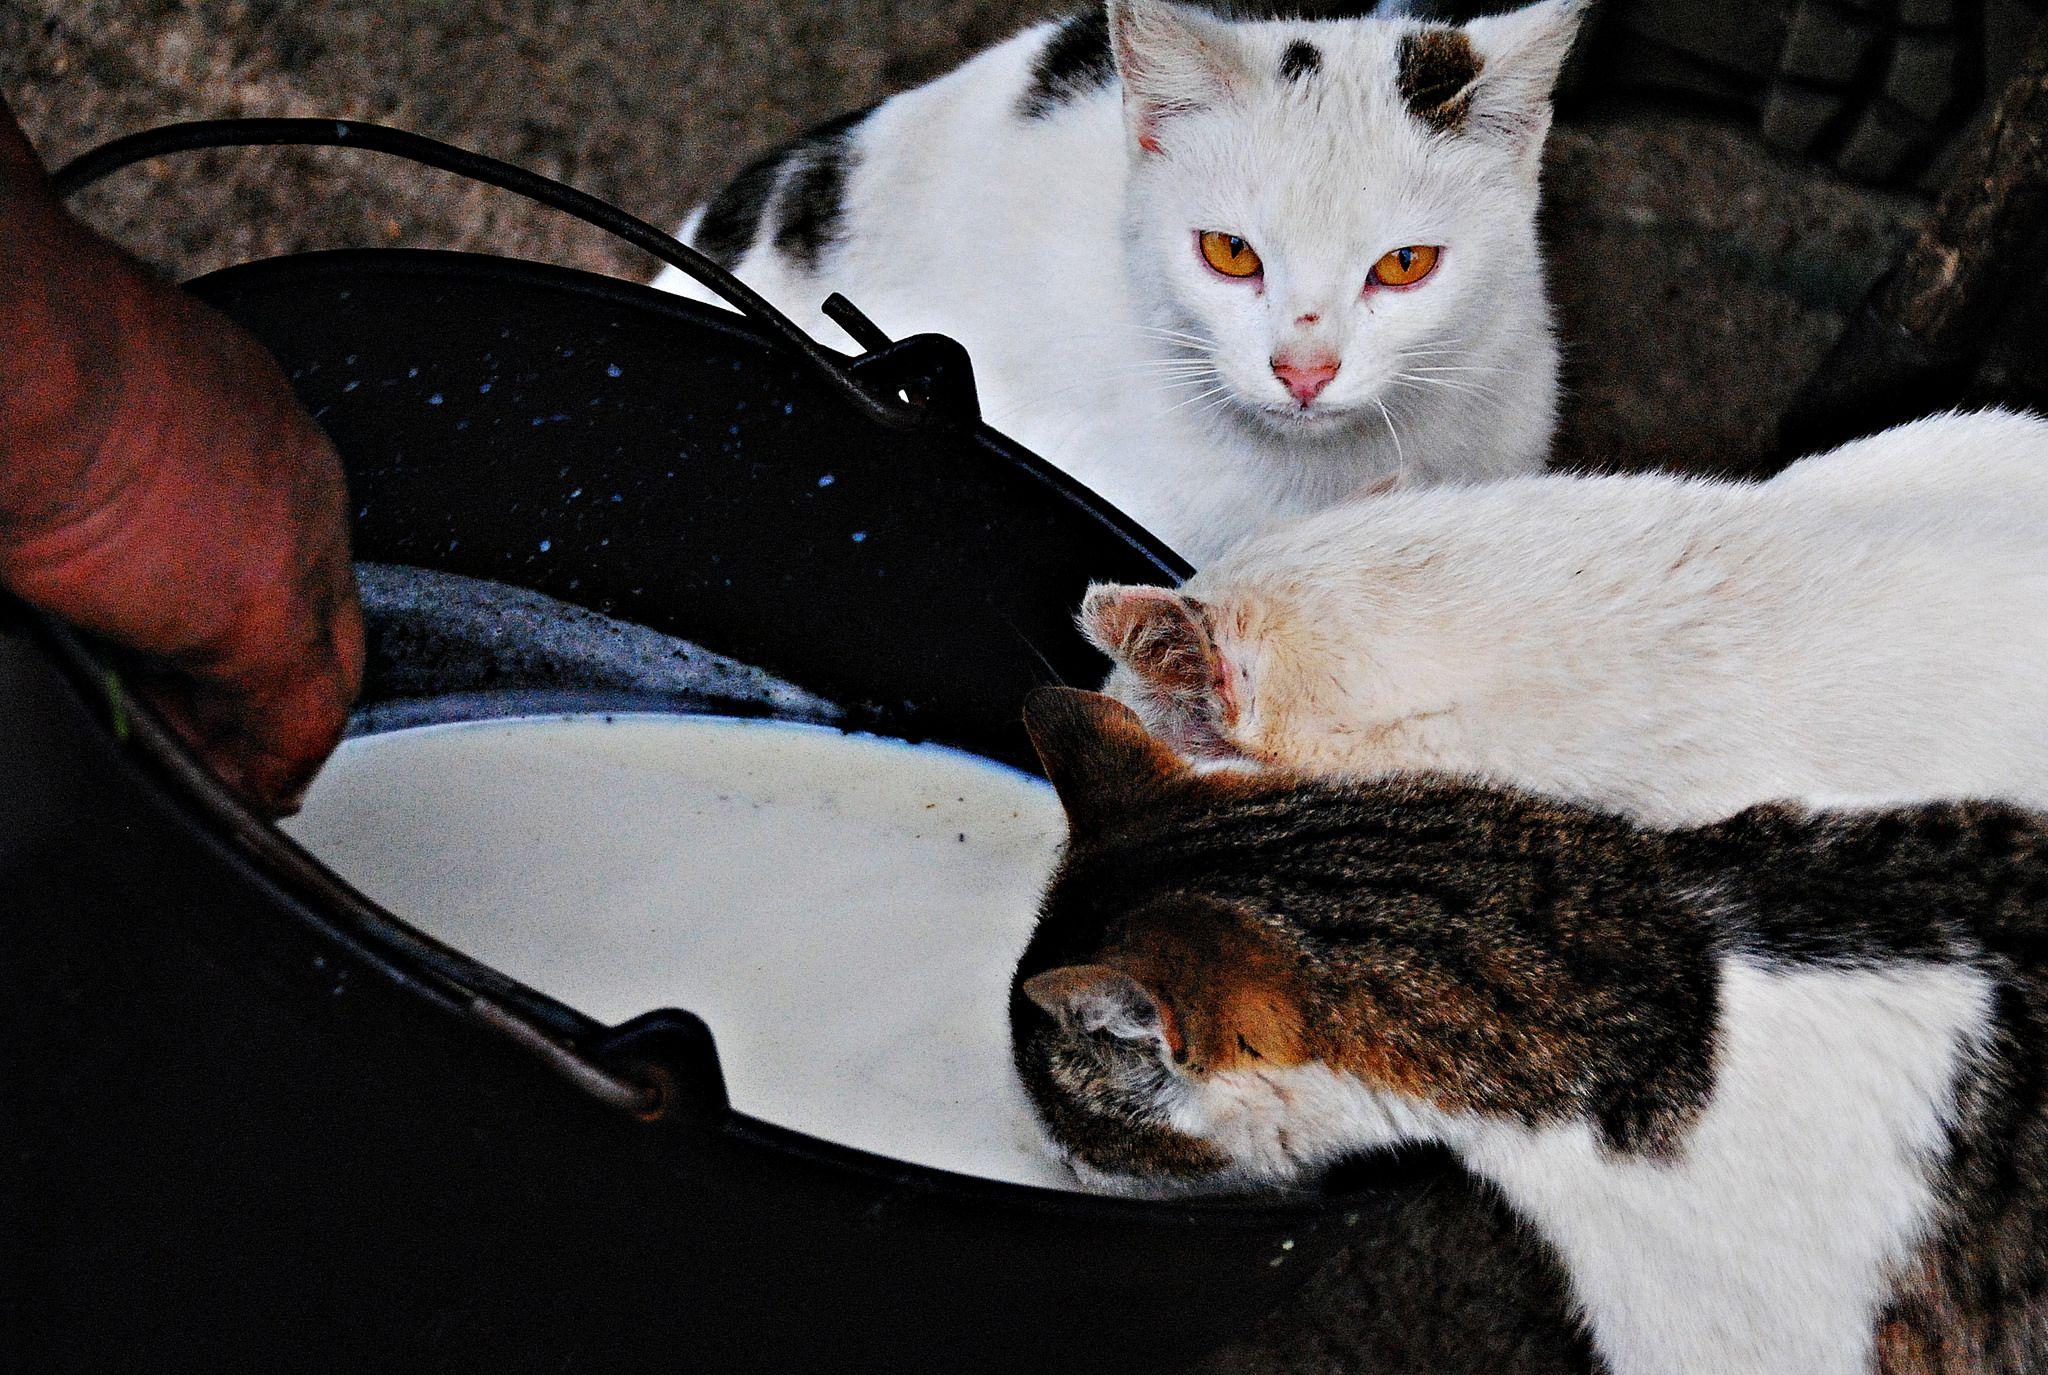 https://flic.kr/p/rWcArK | Os invito | En Bustantegua,Selaya,Cantabria. Cada día y después de ordeñar los gatitos se dan un buen banquete de leche. Su dieta ideal.